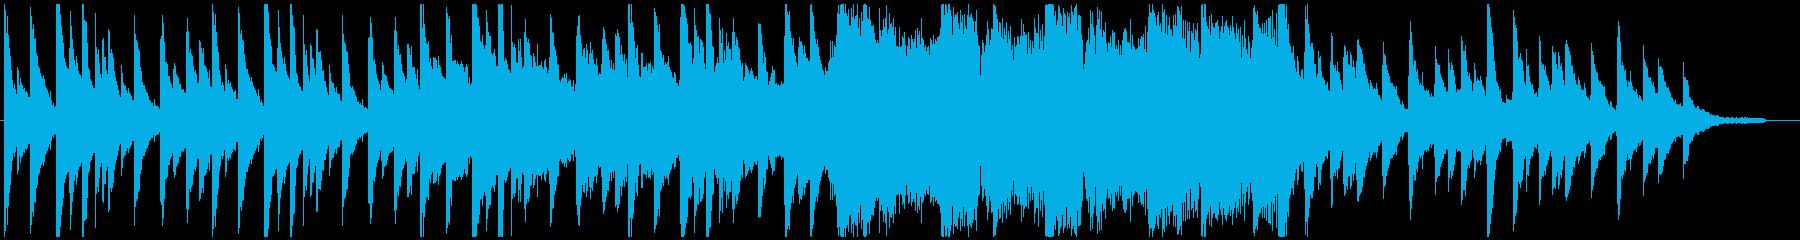 未知との遭遇をイメージしたBGMの再生済みの波形